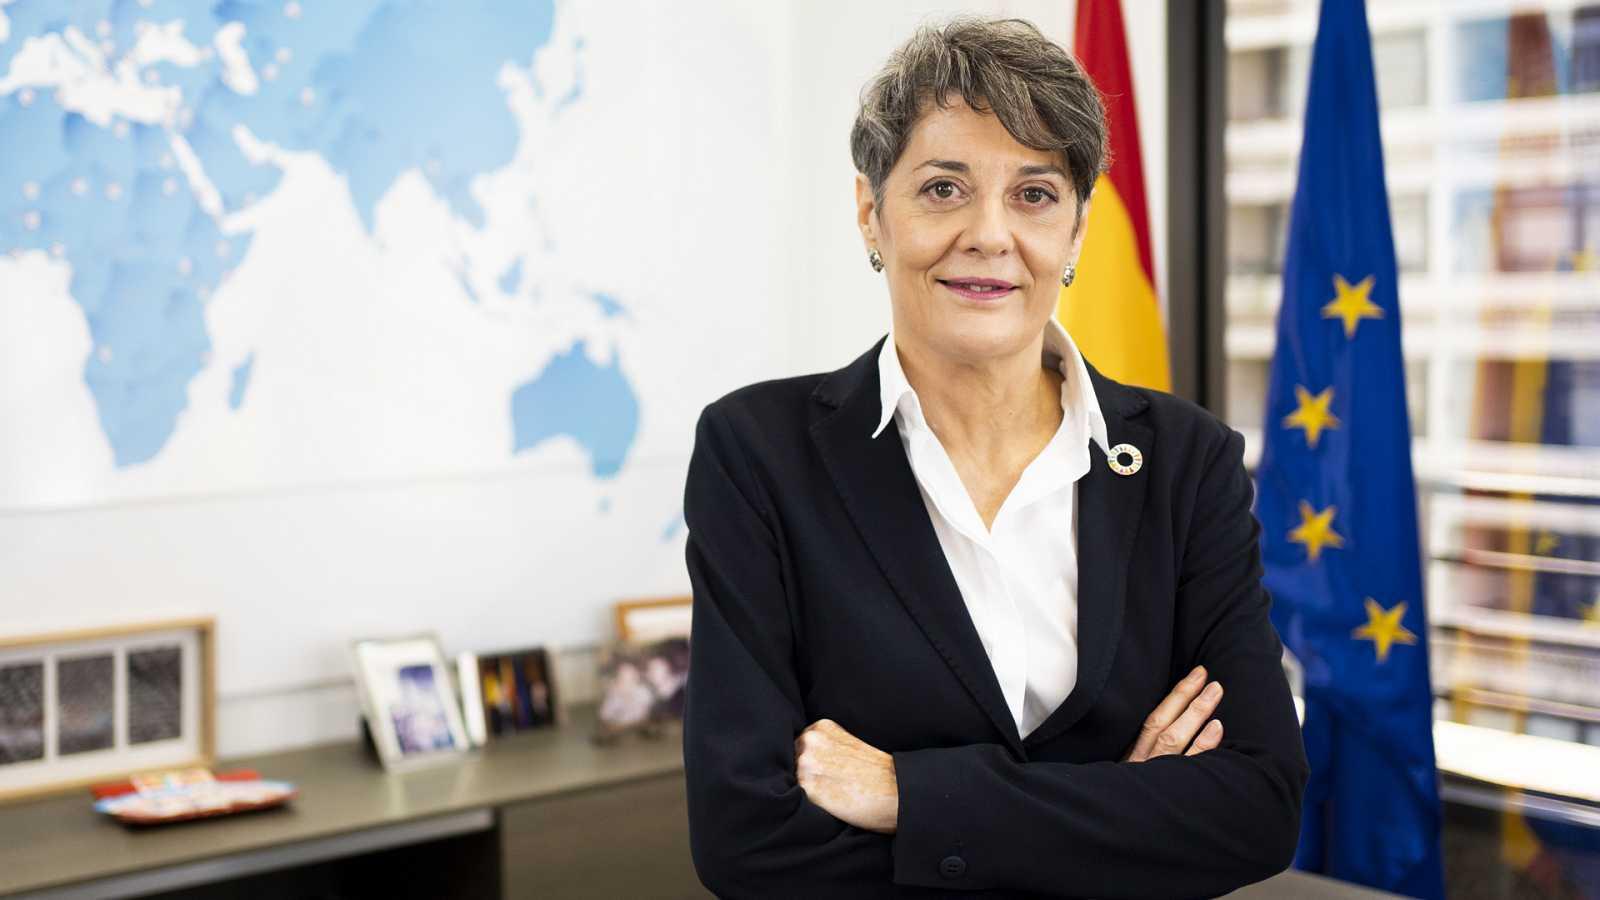 Somos cooperación - UE: cooperar para fortalecer las instituciones - 07/05/21 - escuchar ahora